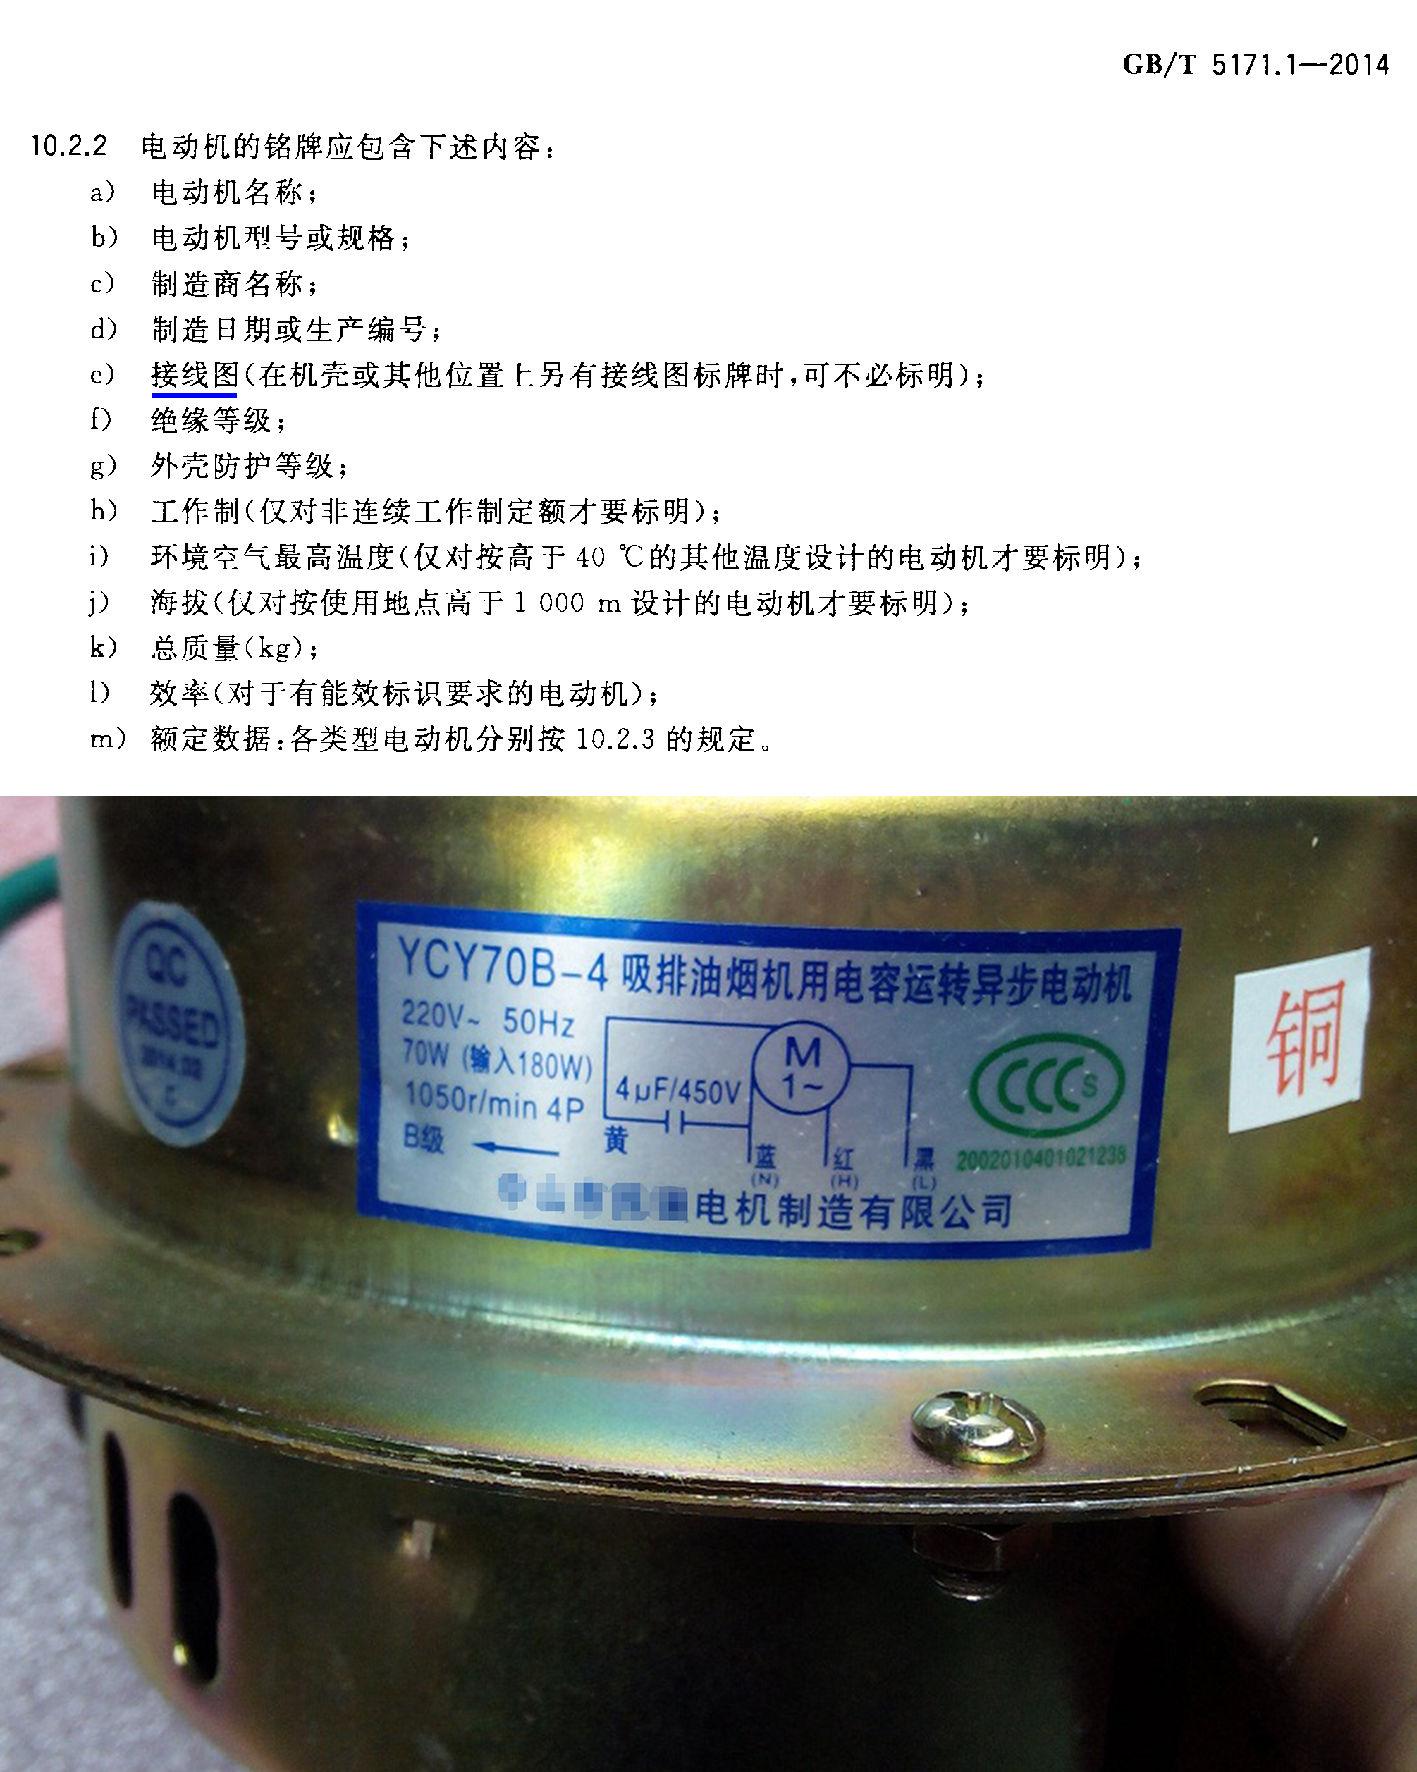 油烟机换电机,有蓝(n) 红(h) 黑(l) 黄 4根线,如何正确接线?